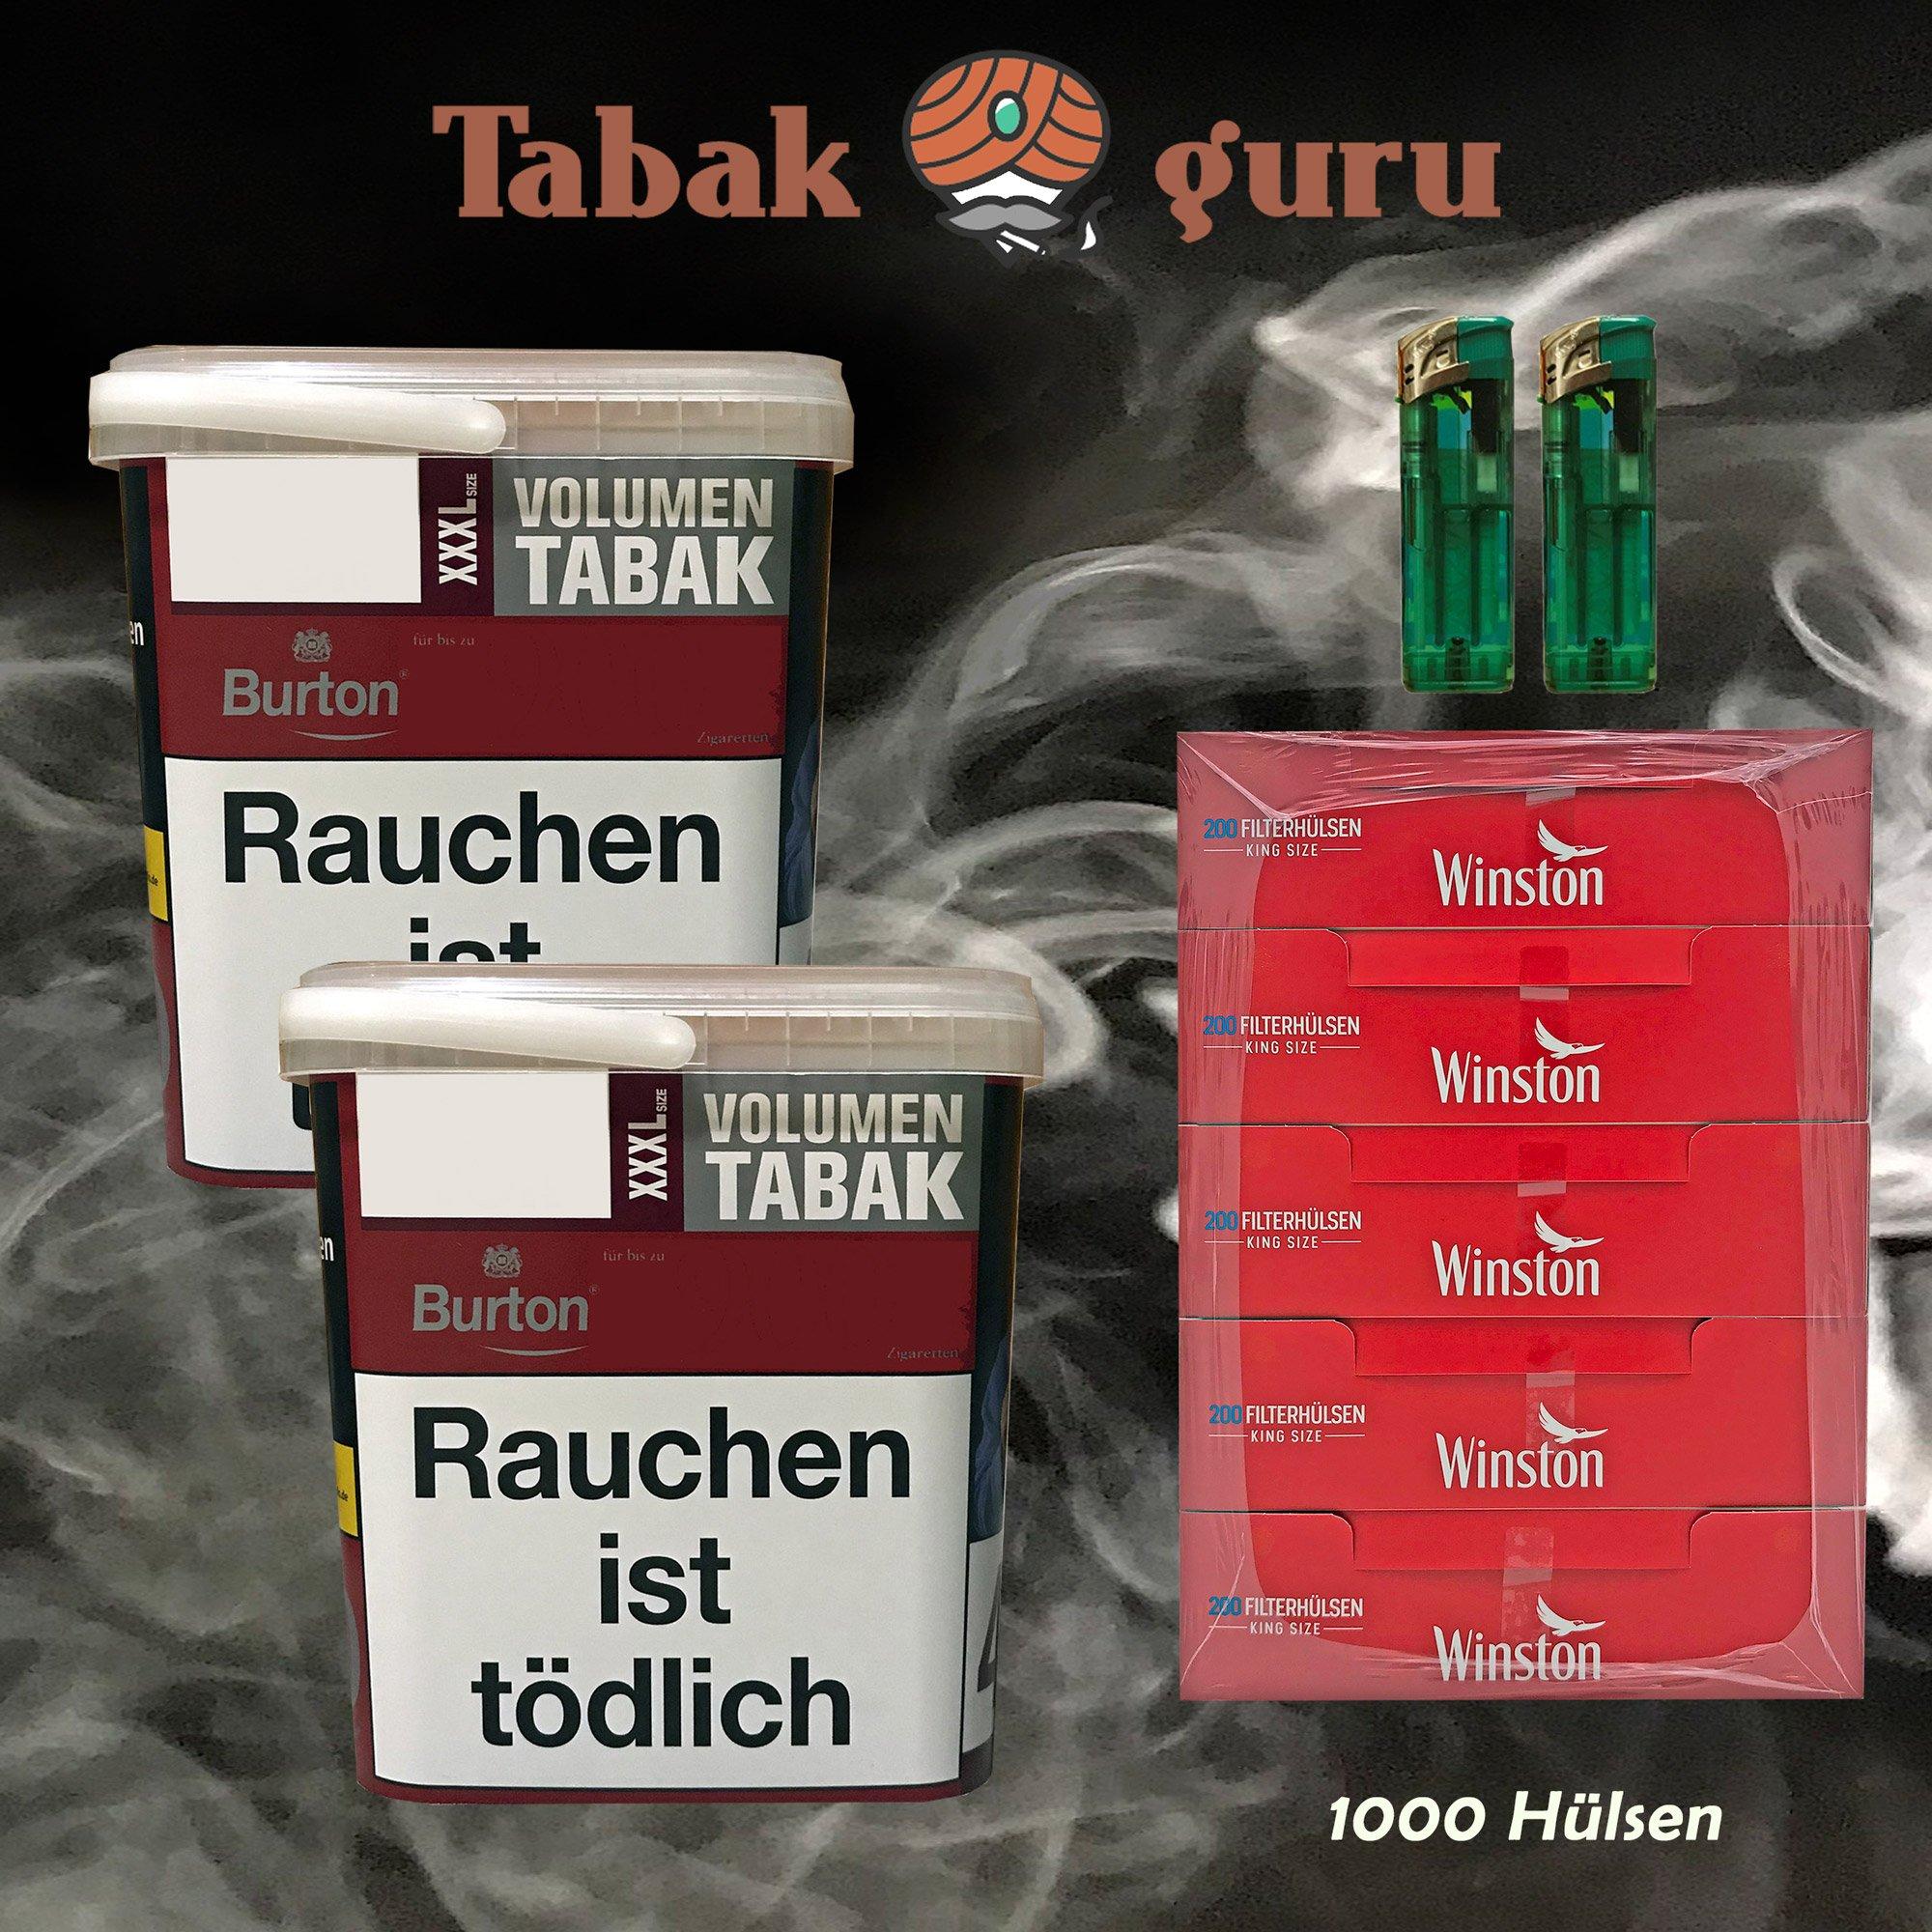 2x Burton Red Volumentabak / Zigarettentabak XXXL Eimer 370g, Hülsen, Feuerz.